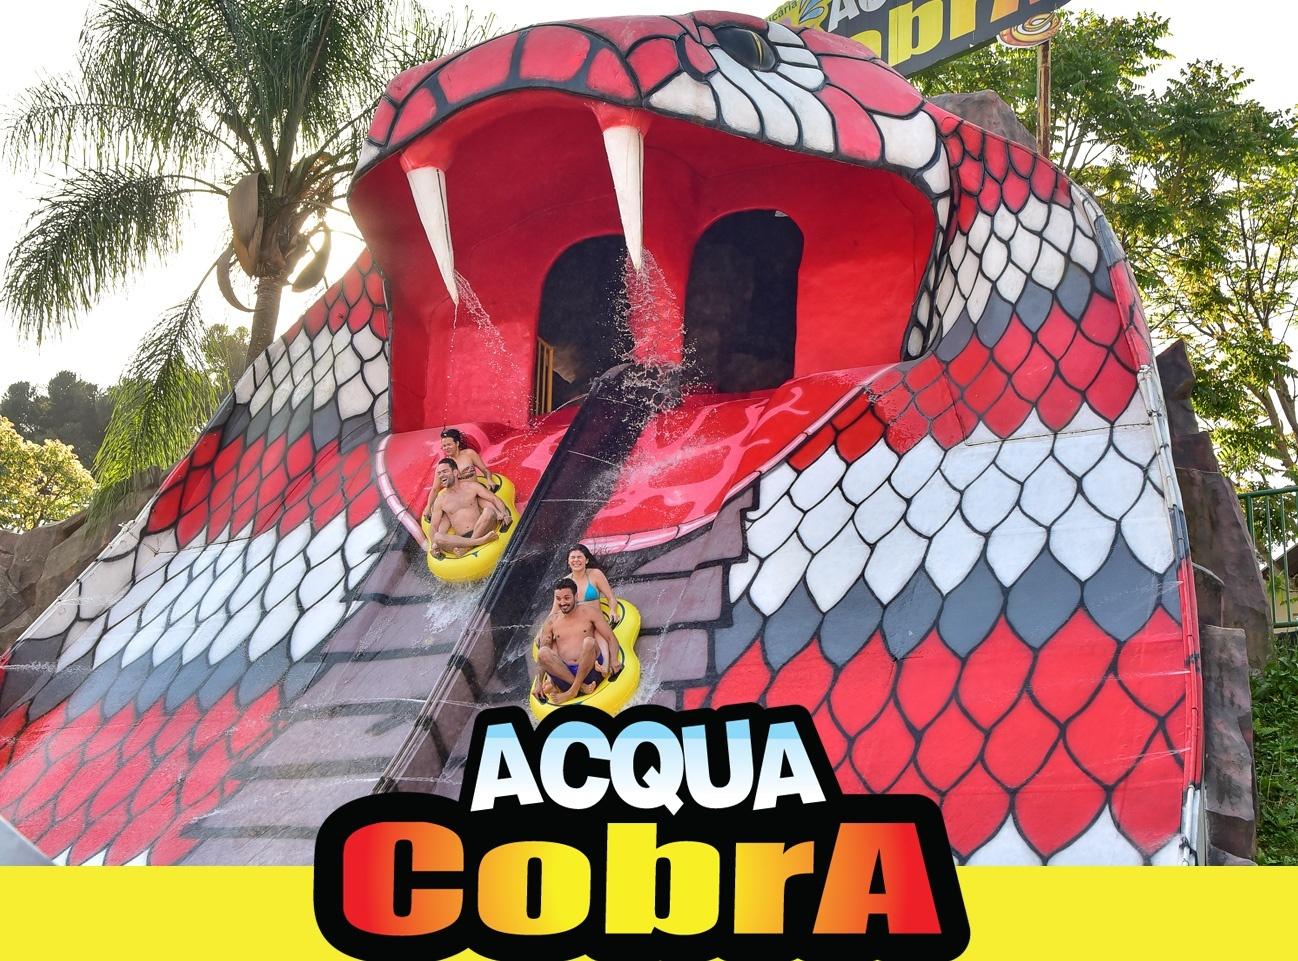 Acqua Cobra